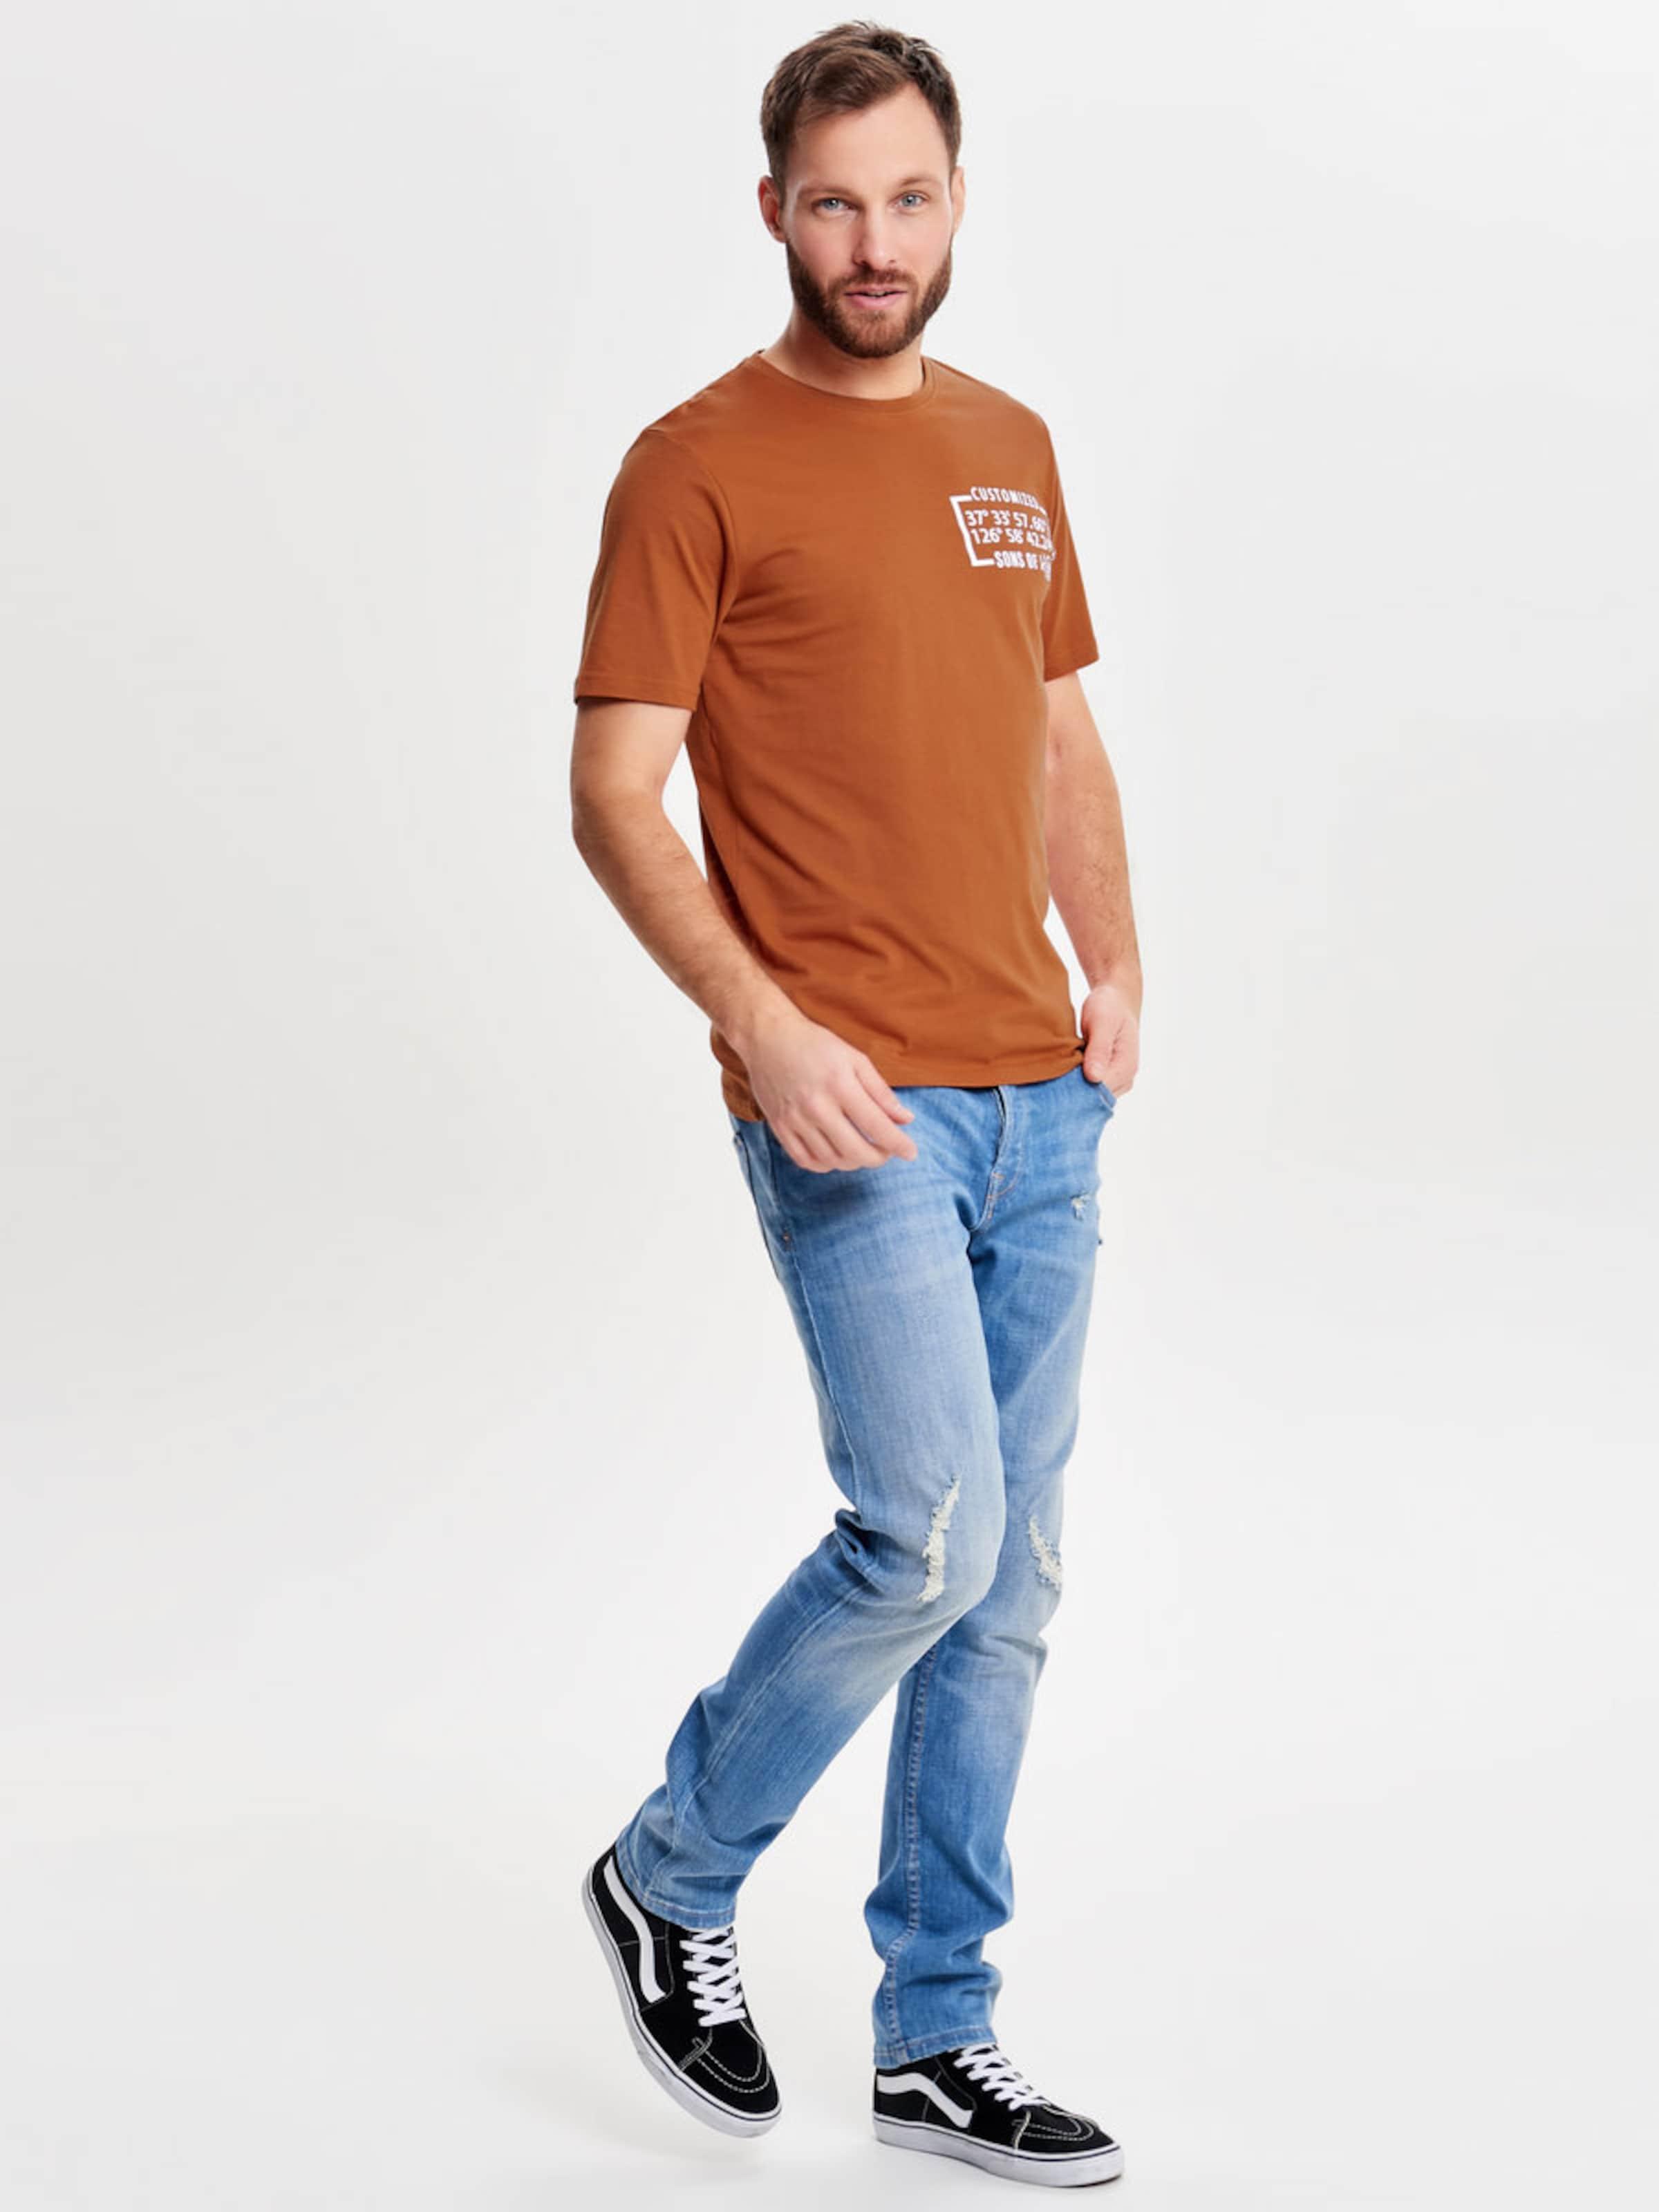 Only & Sons Print T-Shirt Erhalten Authentisch Spielraum Echt Billig Authentisch Auslass Outlet Kaufen fFgM0